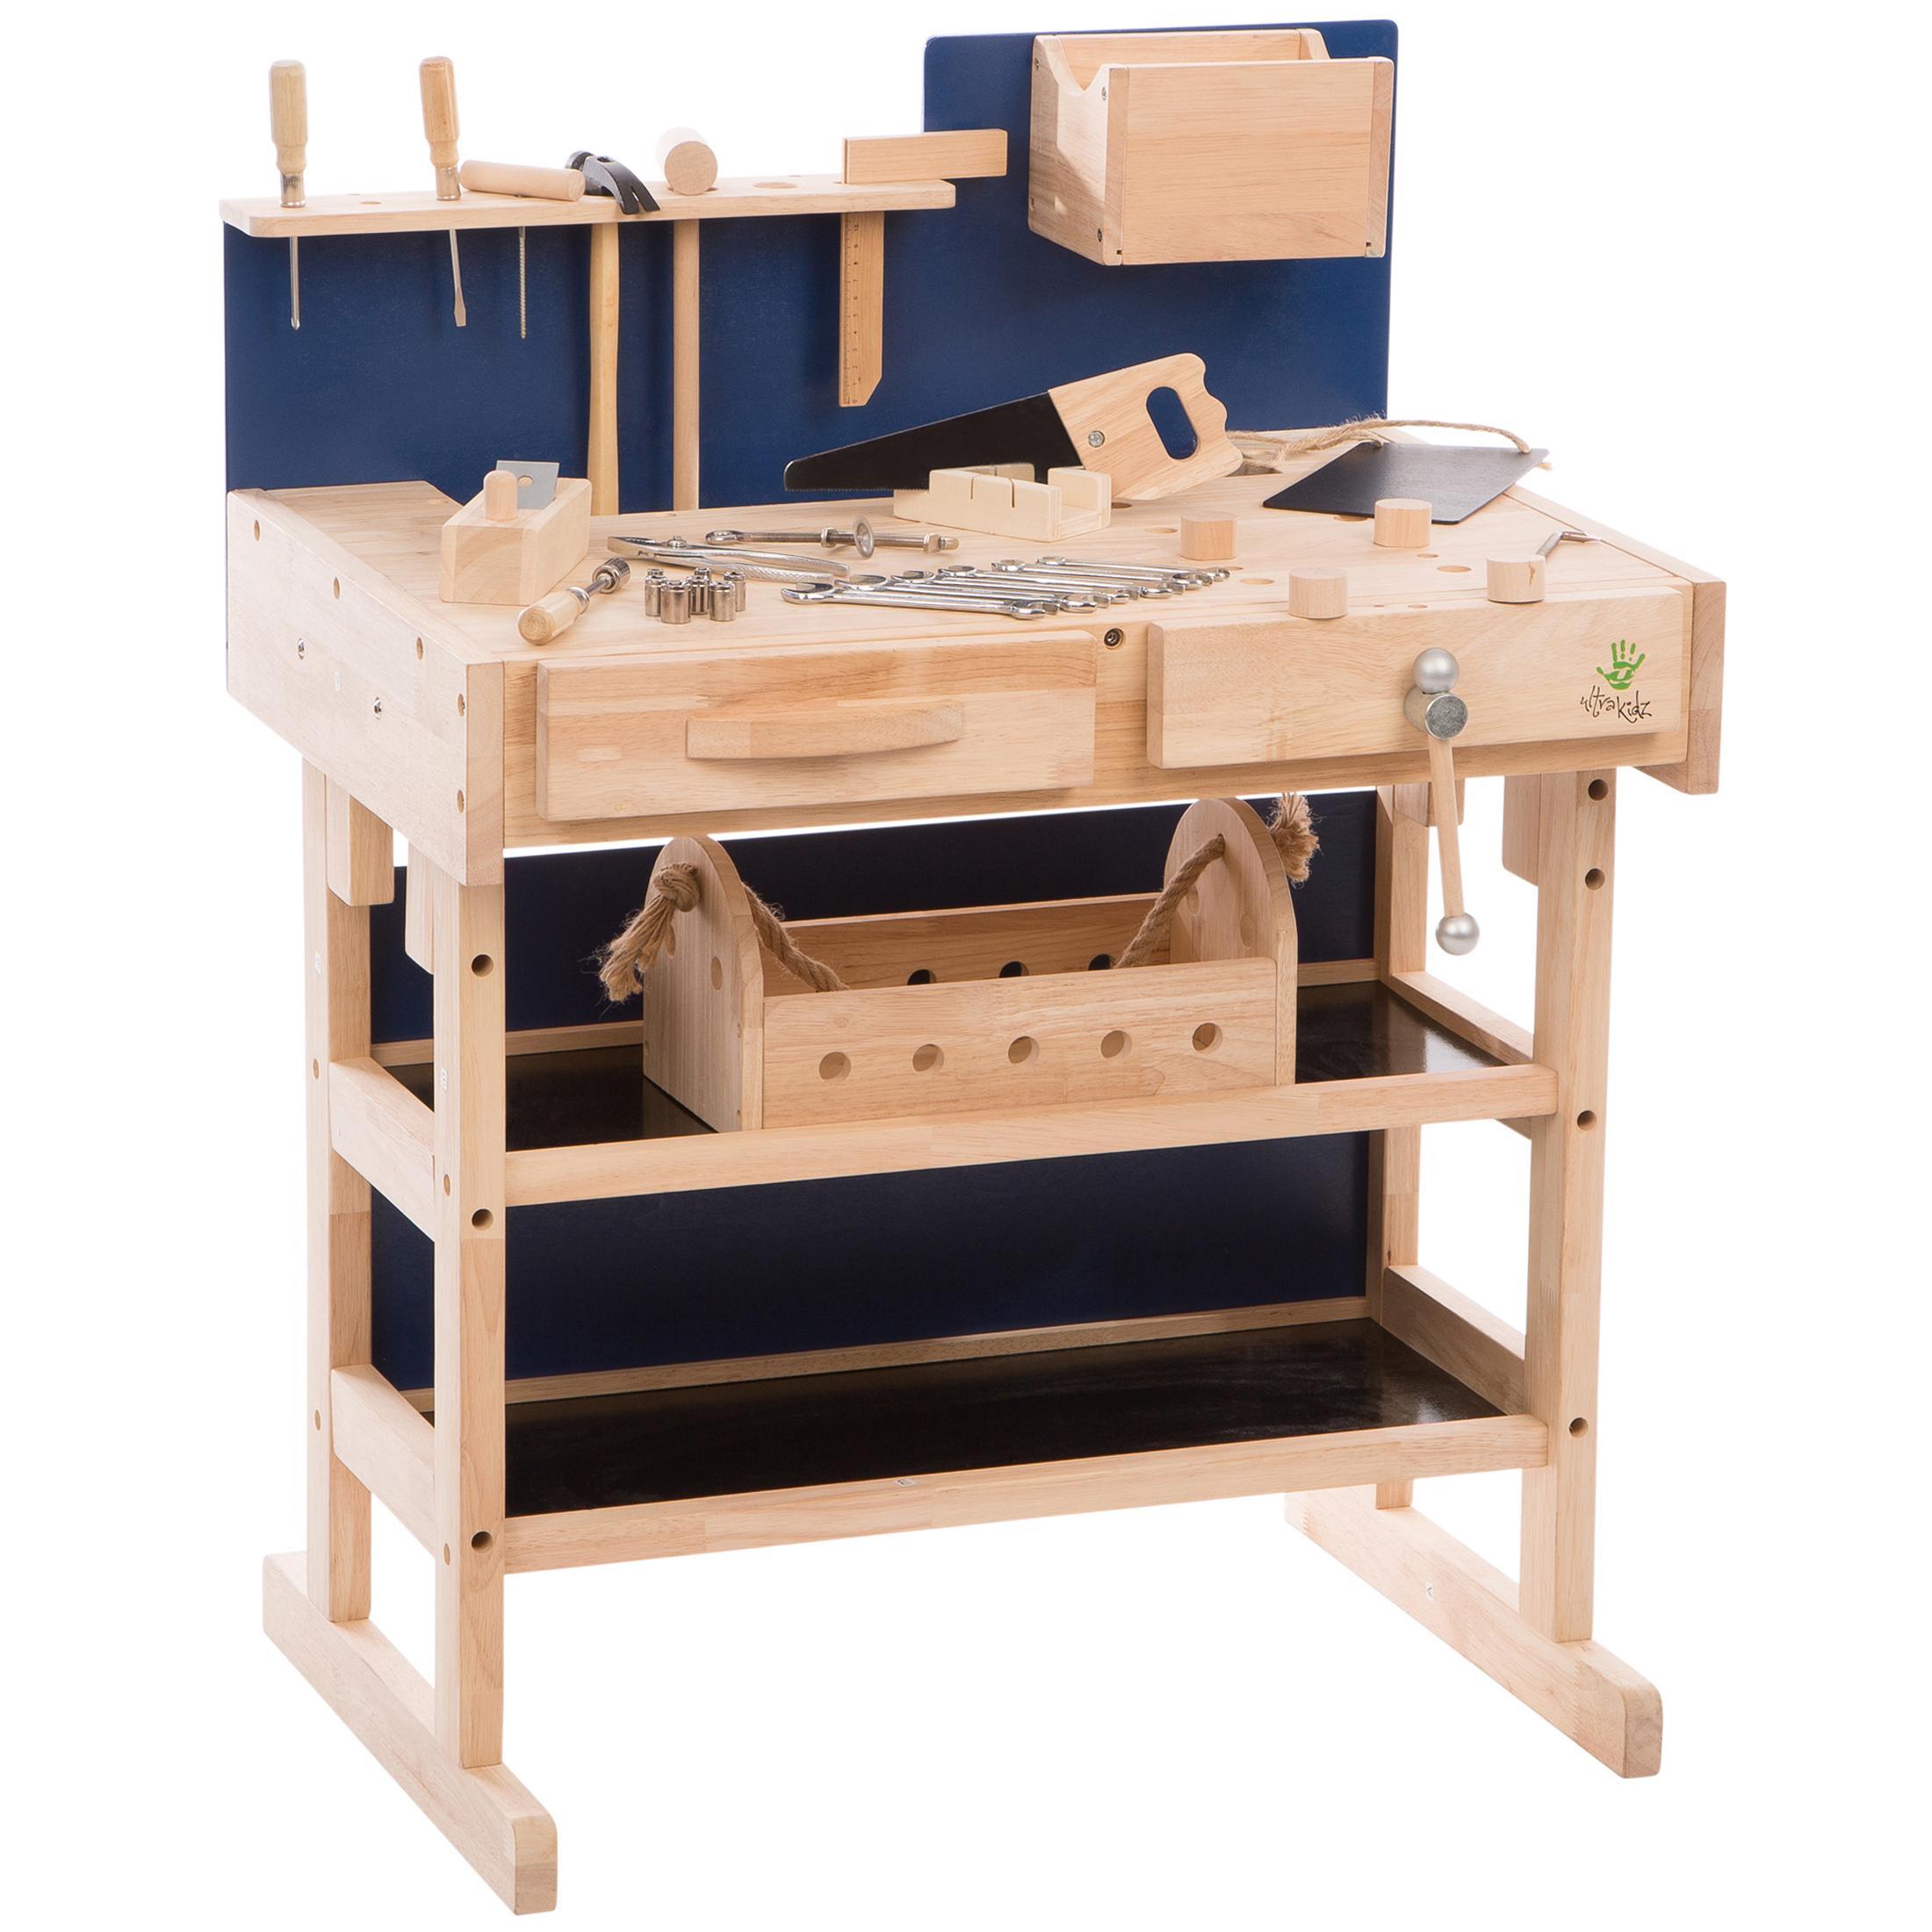 Ultrakidz set banco da lavoro in legno massiccio con for Banco da lavoro giocattolo ikea